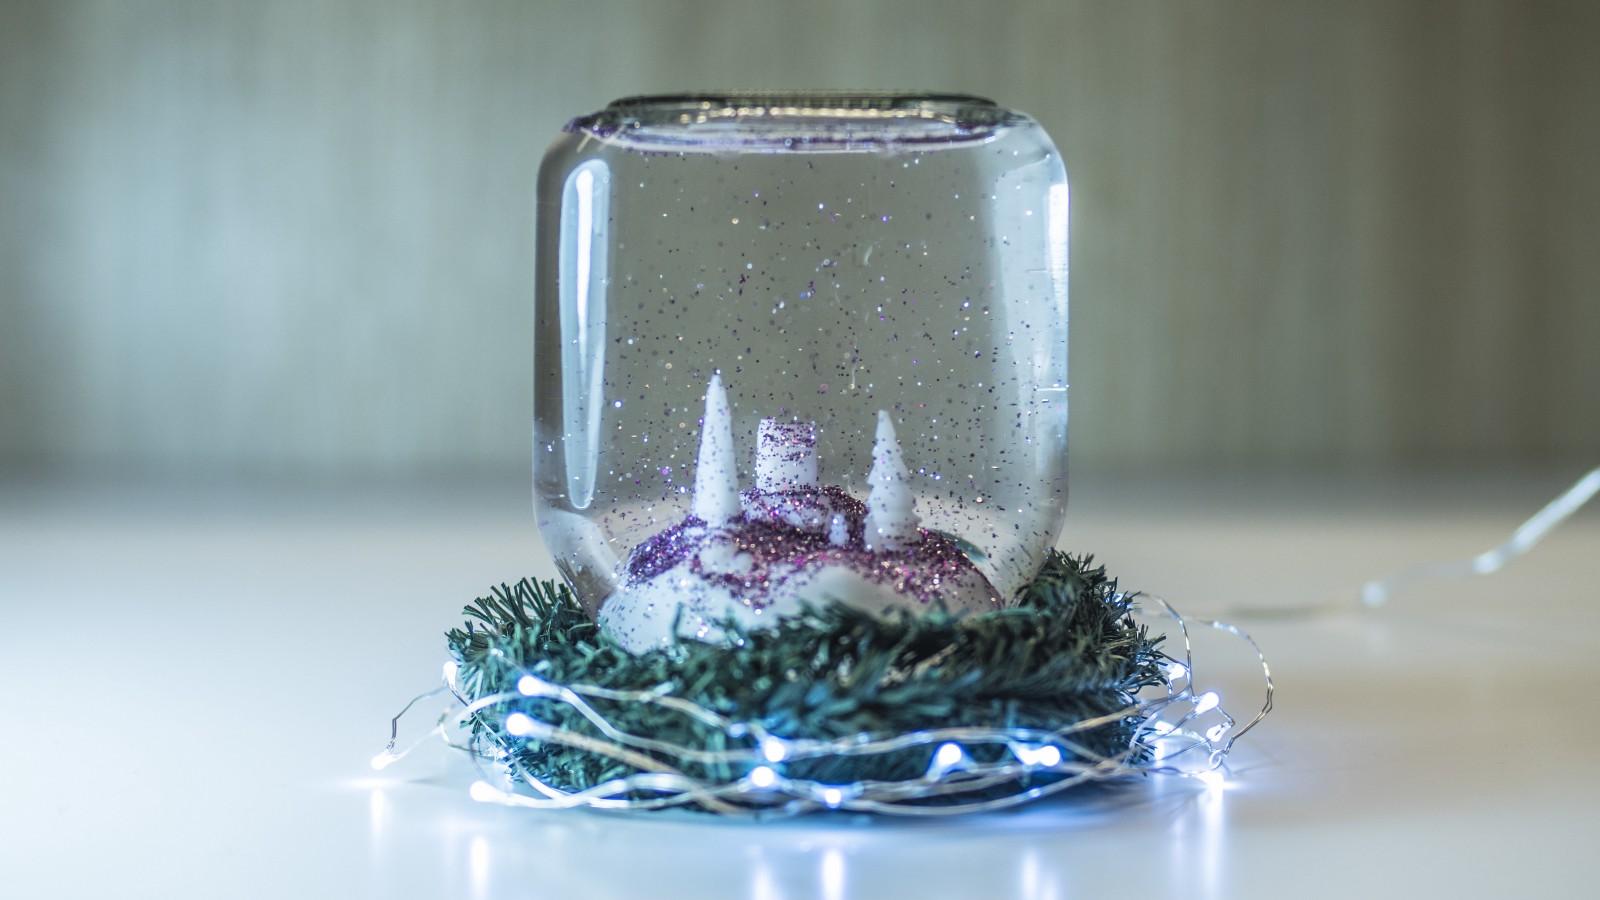 با پرینتر سه بعدی گوی برفی شیشه ای بسازید